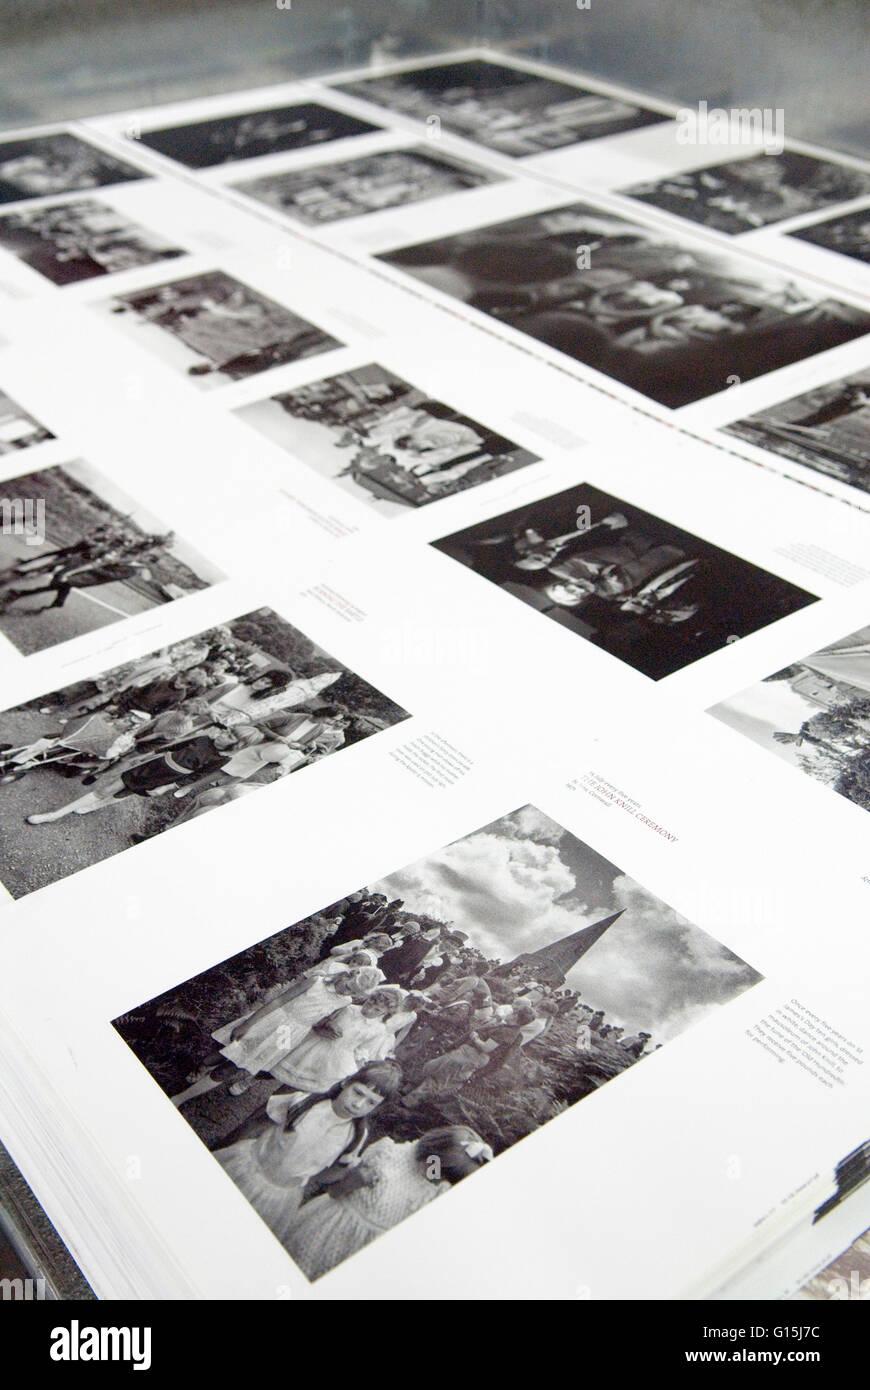 Libro italiano impresoras EBS Verona. Una vez al año algunas costumbres tradicionales británicos por Homero Imagen De Stock